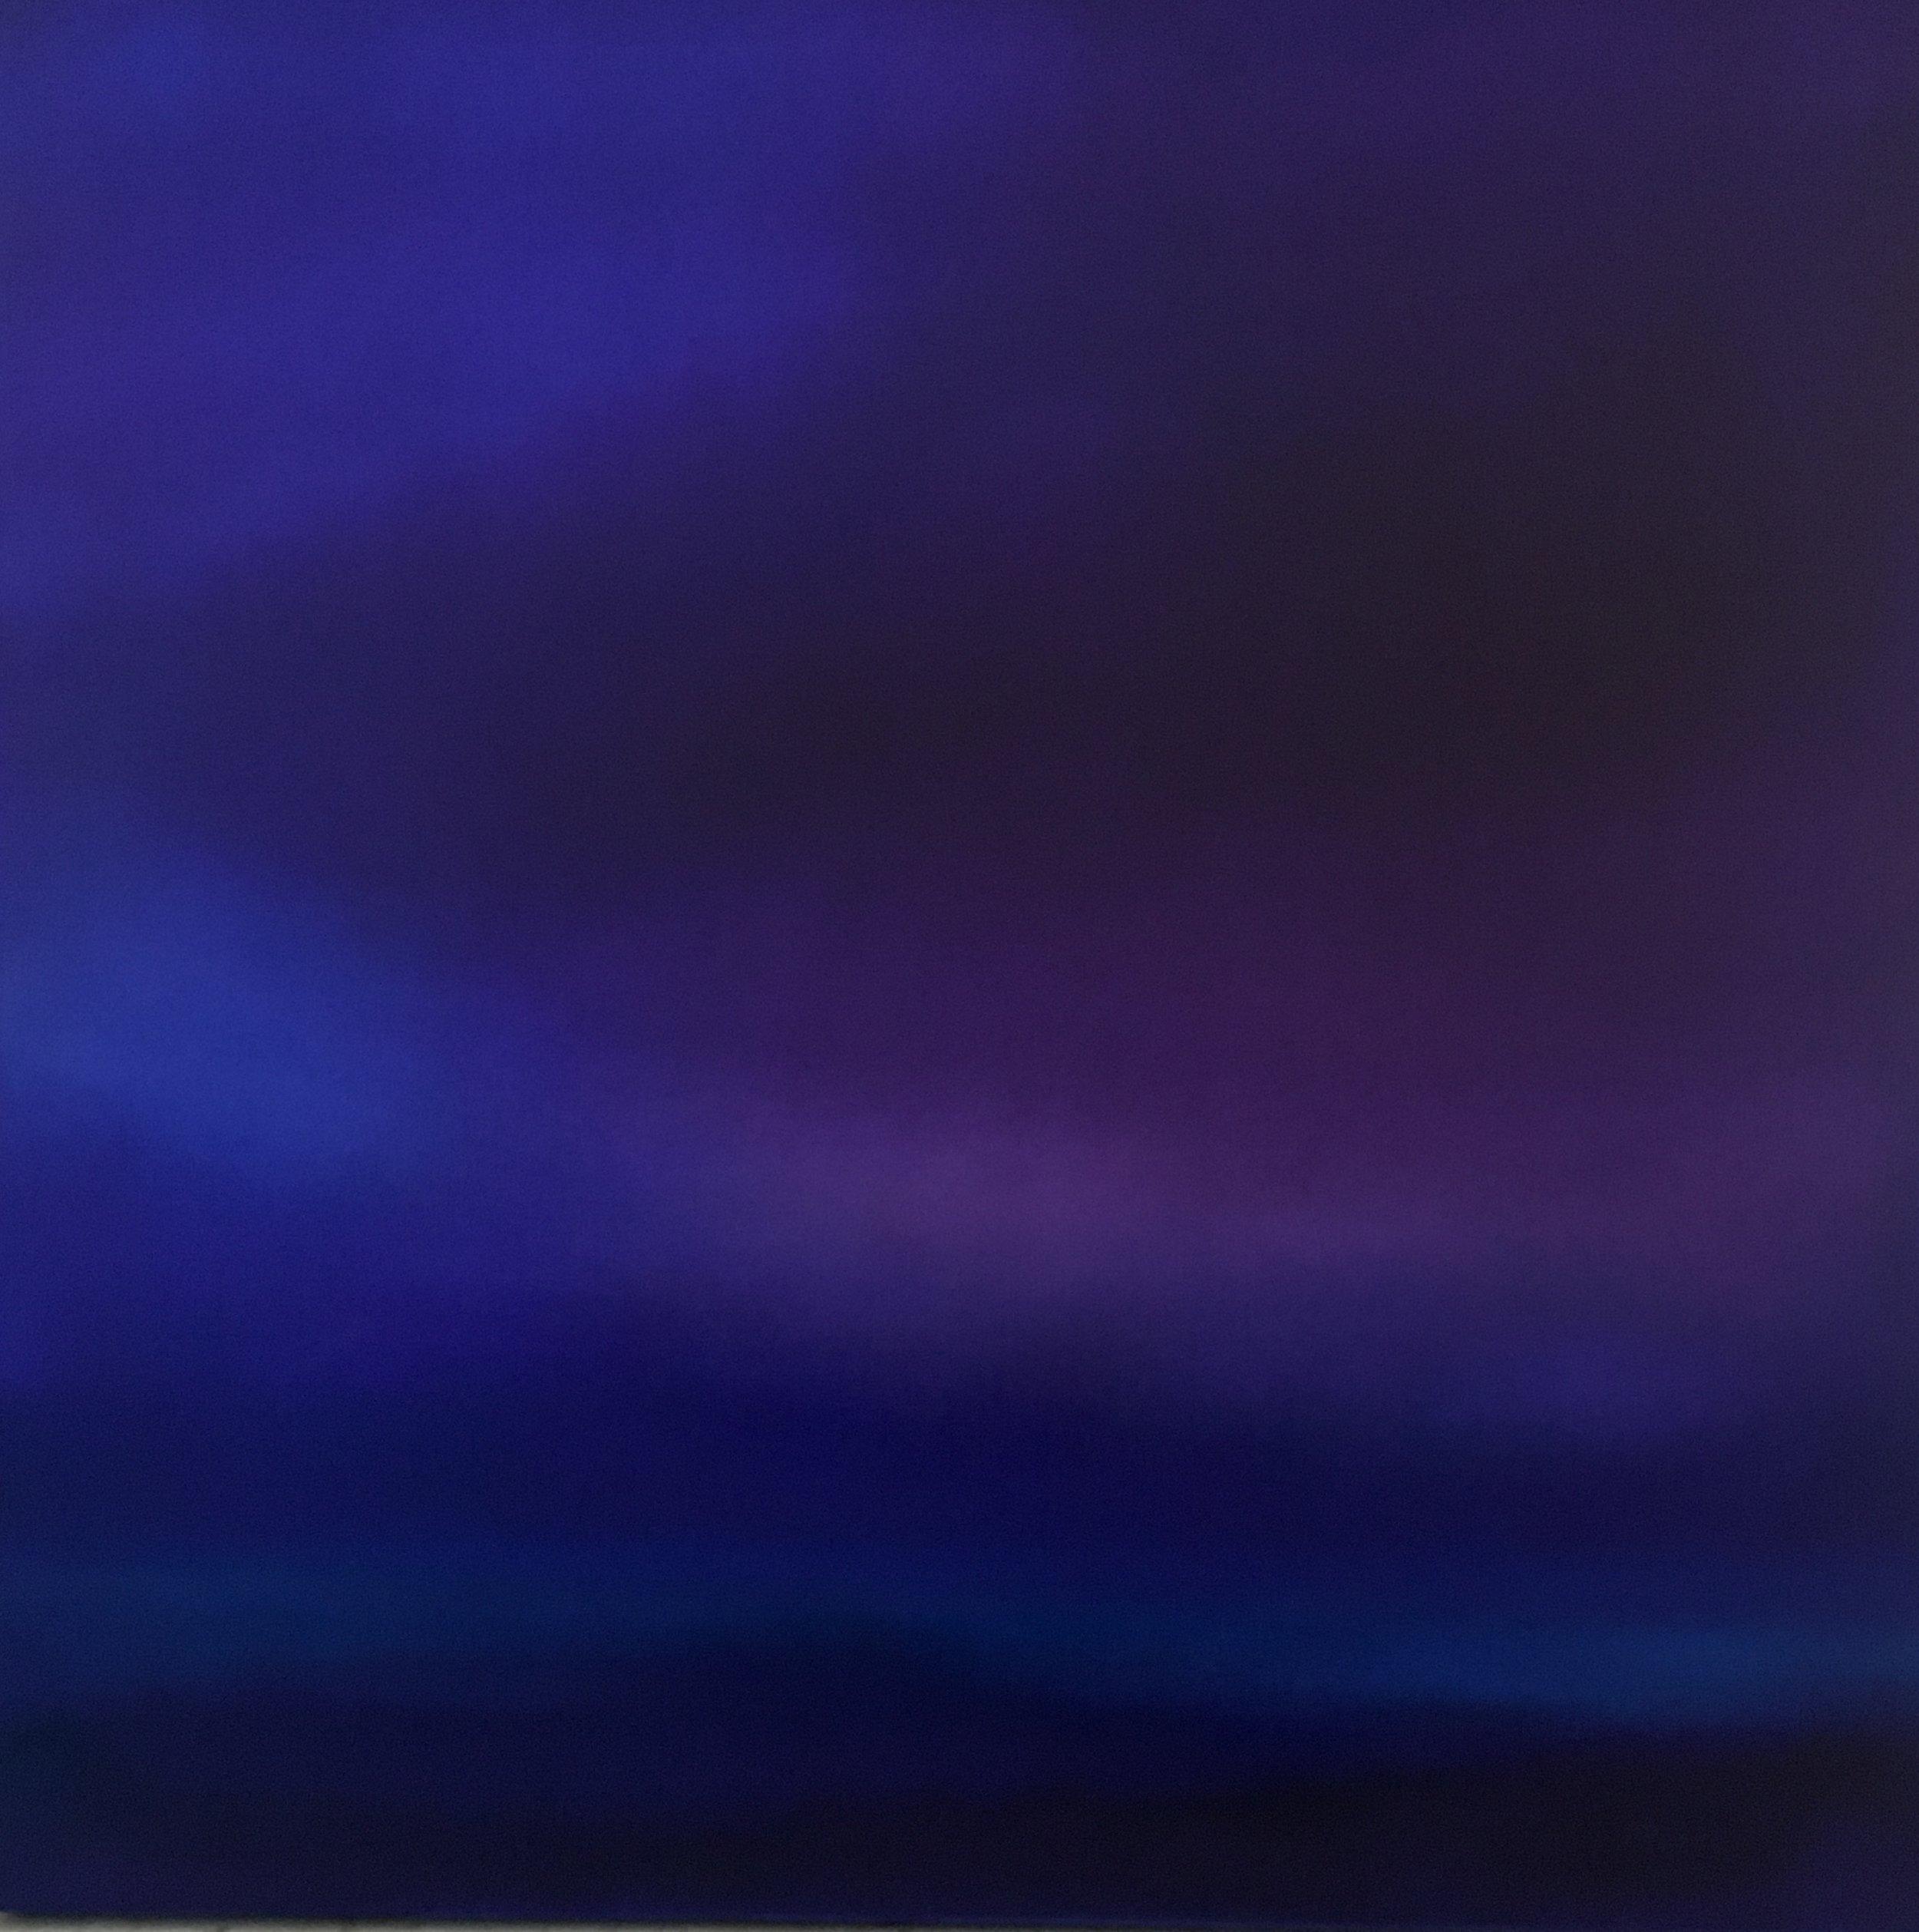 PurpleRain2 angelapierro.jpg